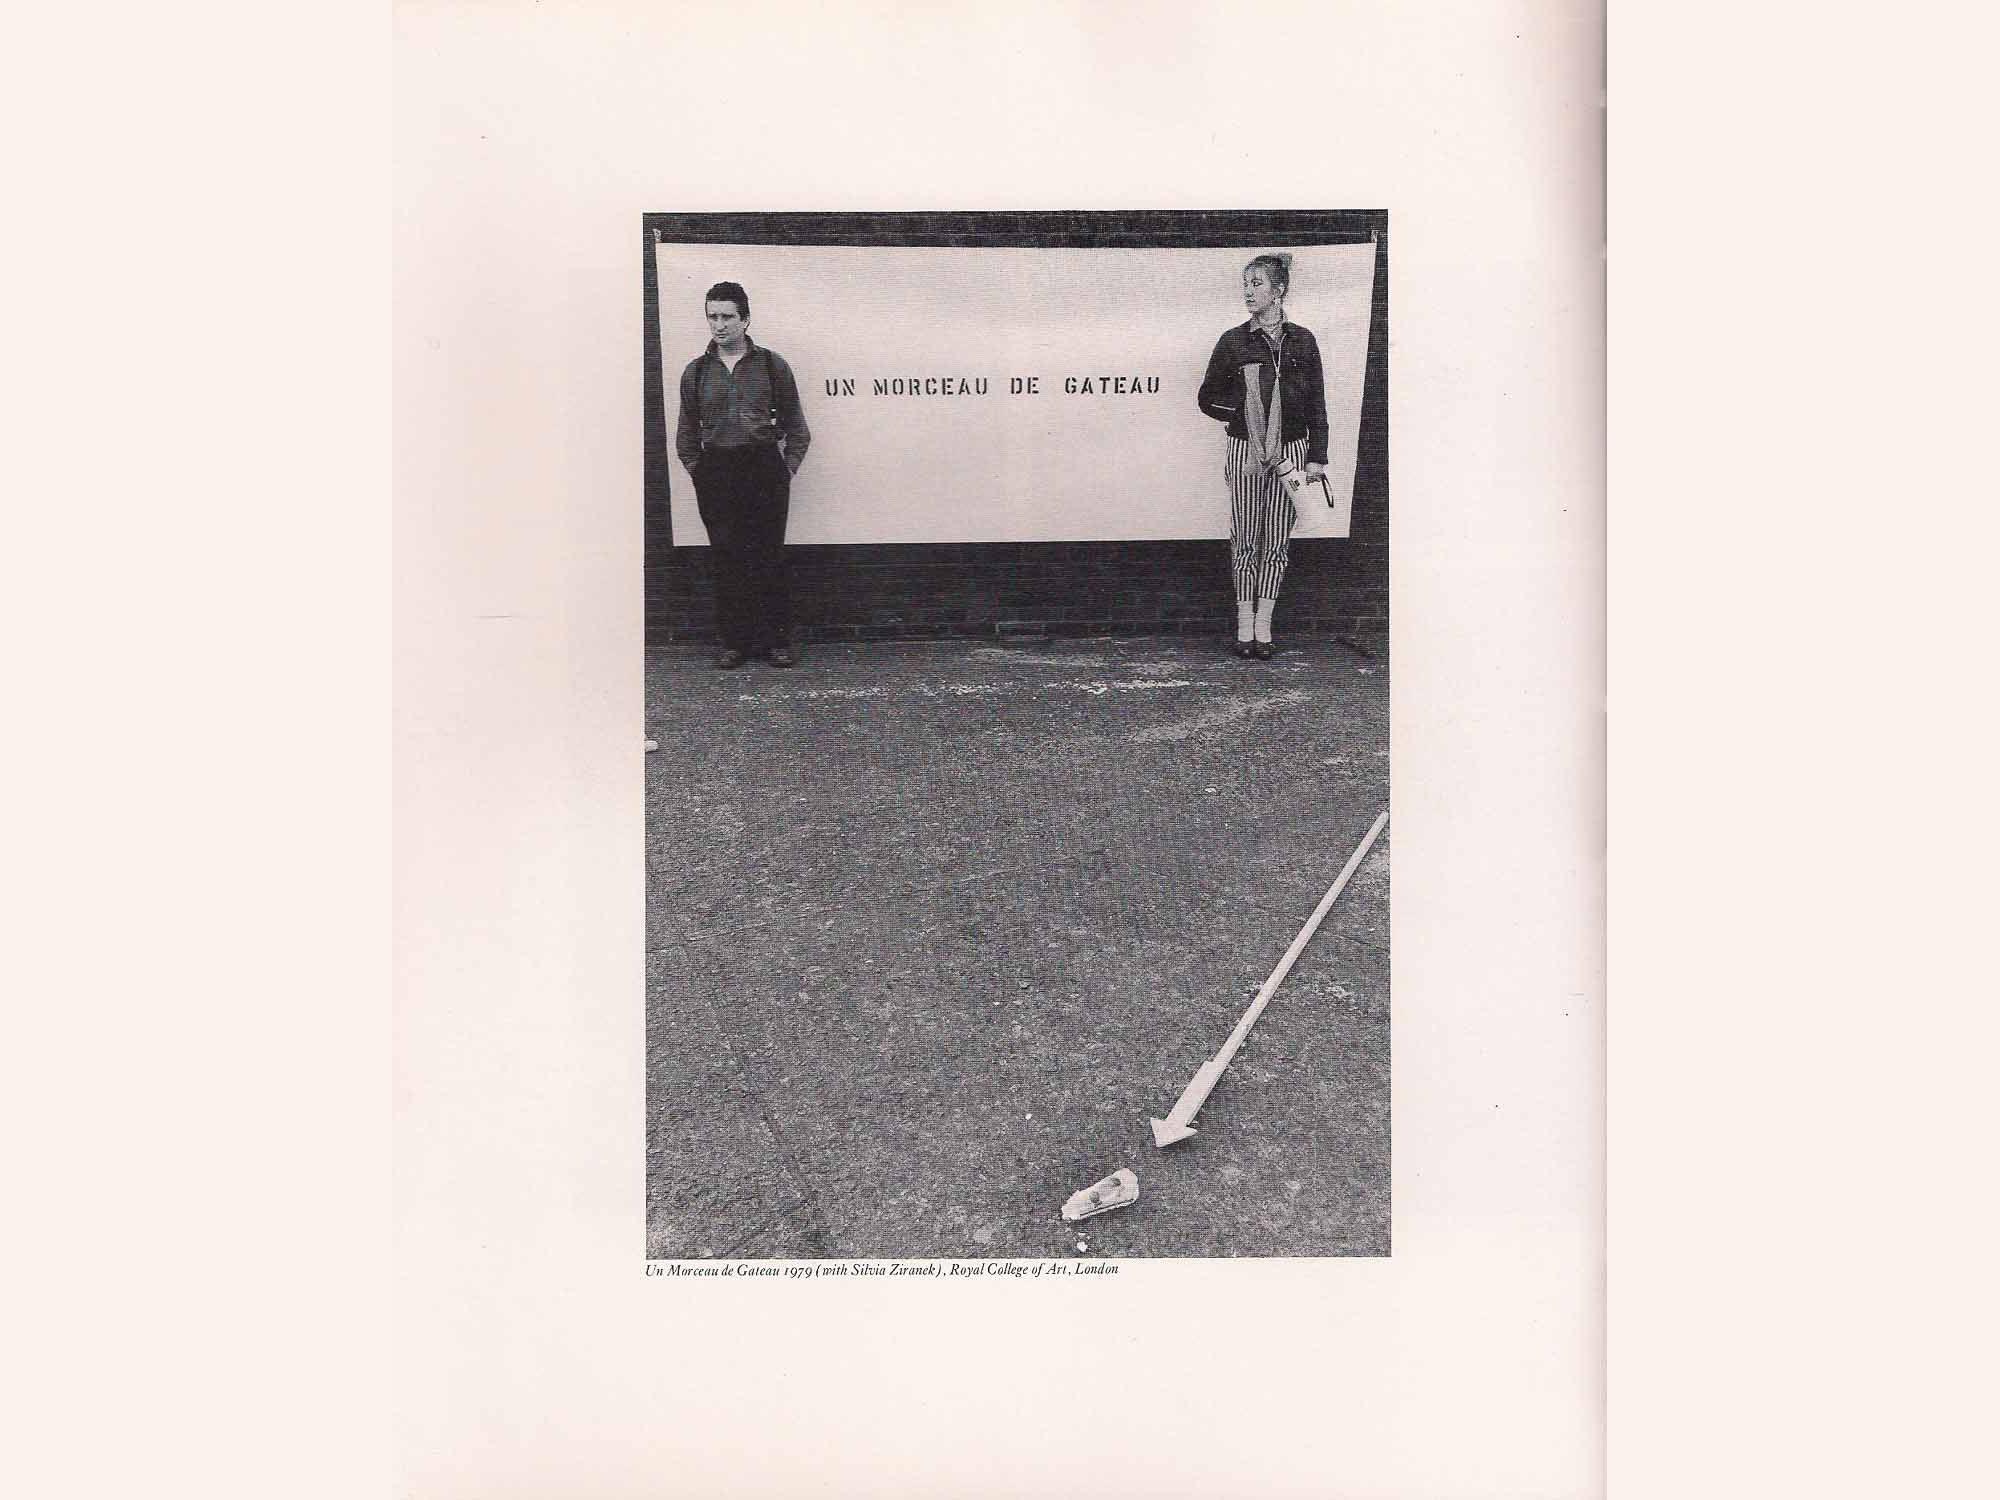 Silvia Ziranek, Un Morceau de Gateau, (1979). With Bruce Mclean, Inside Out, Royal College of Art, London.